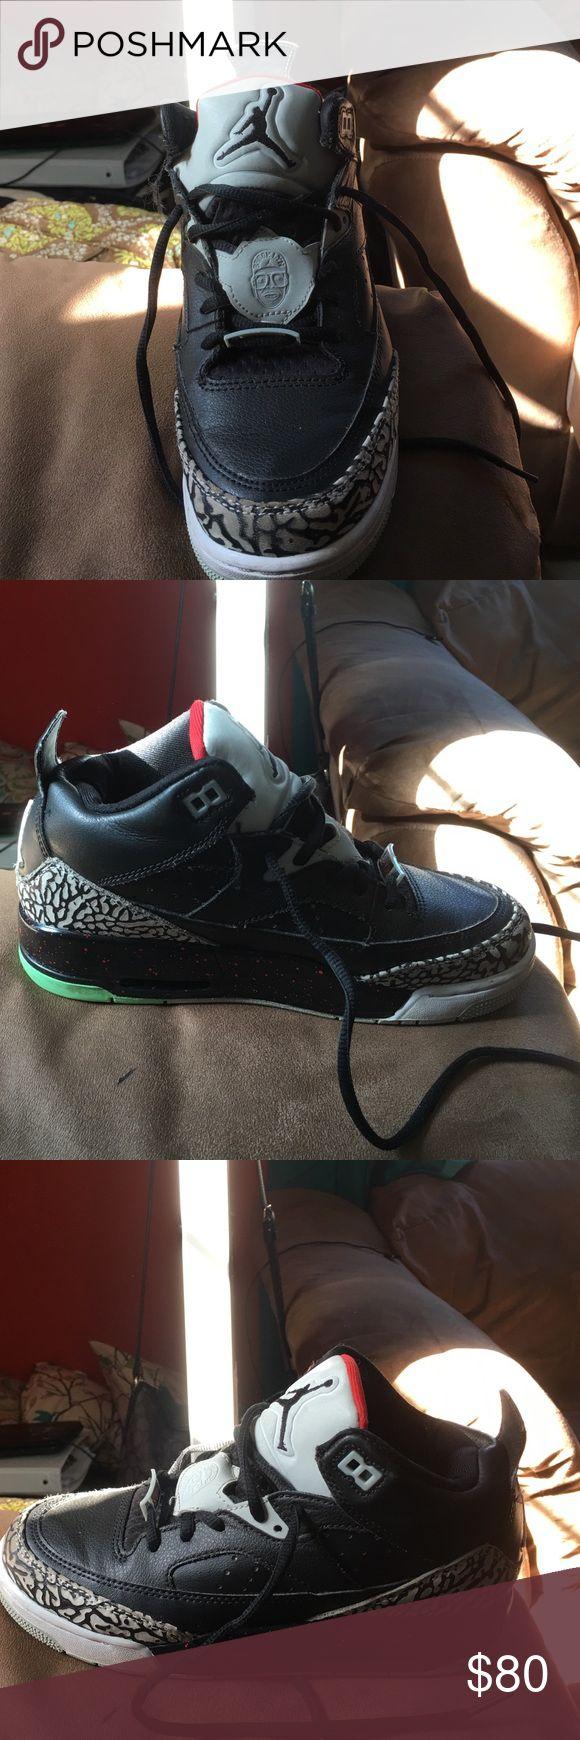 Spike Lee Jordan's Gently used Spike Lee's Jordan's Jordans Shoes Sneakers